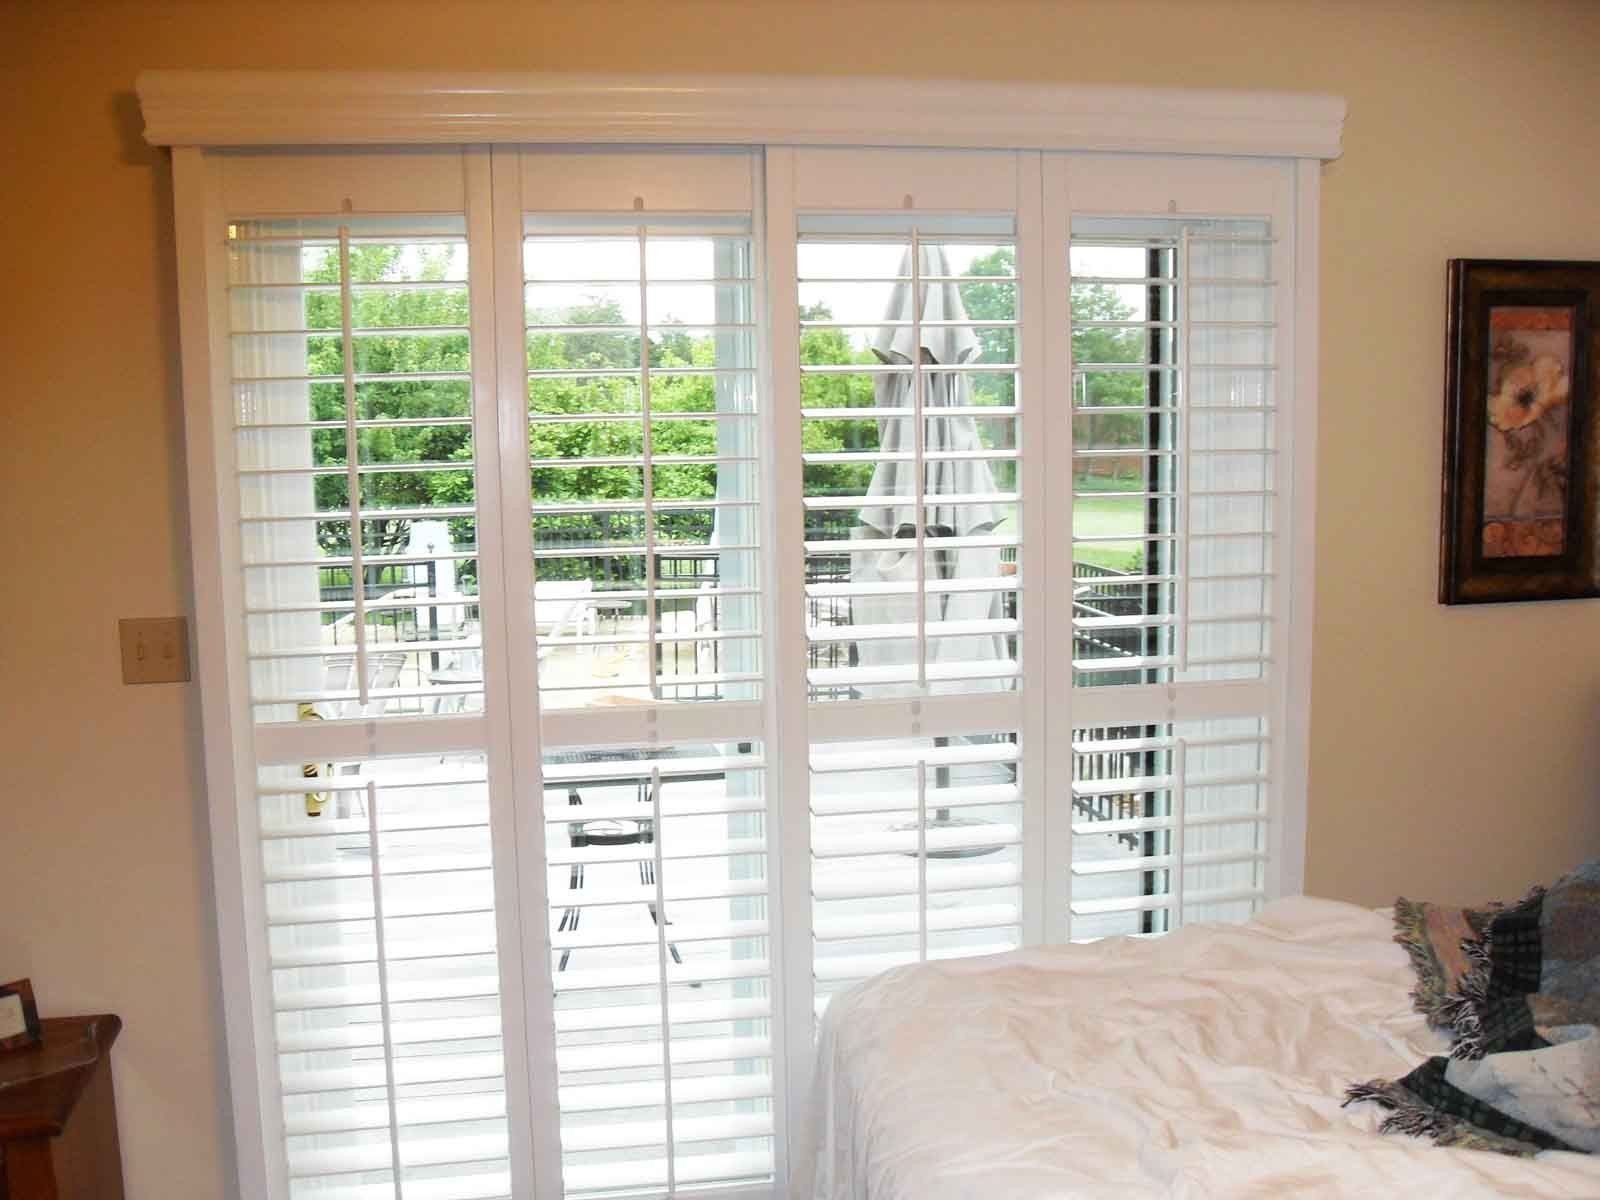 Horizontal Wood Blinds For Sliding Glass DoorsHorizontal Wood Blinds For Sliding Glass Doors